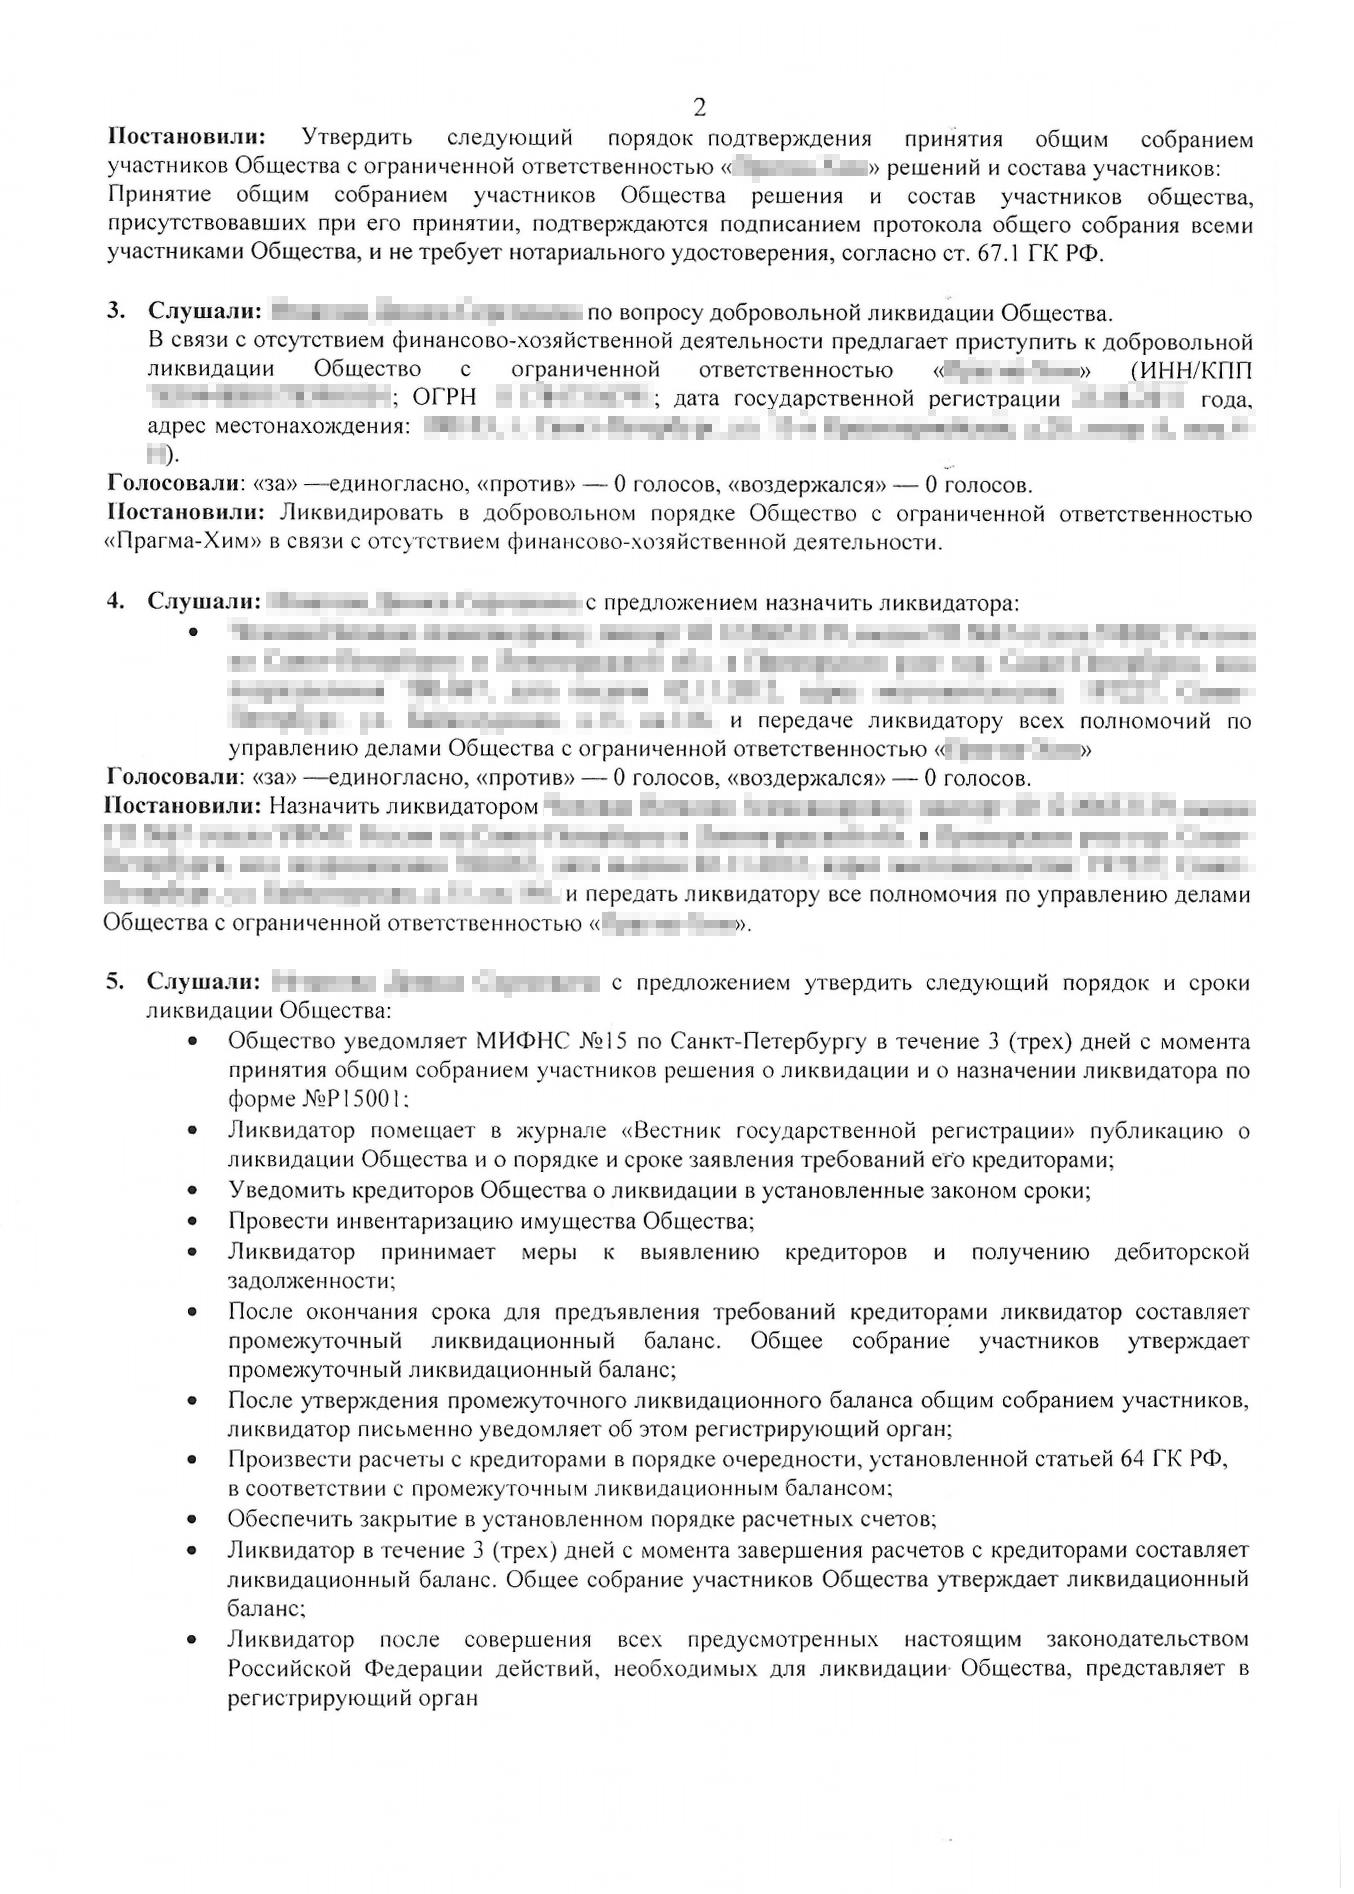 сайт банка кубань кредит тимашевск